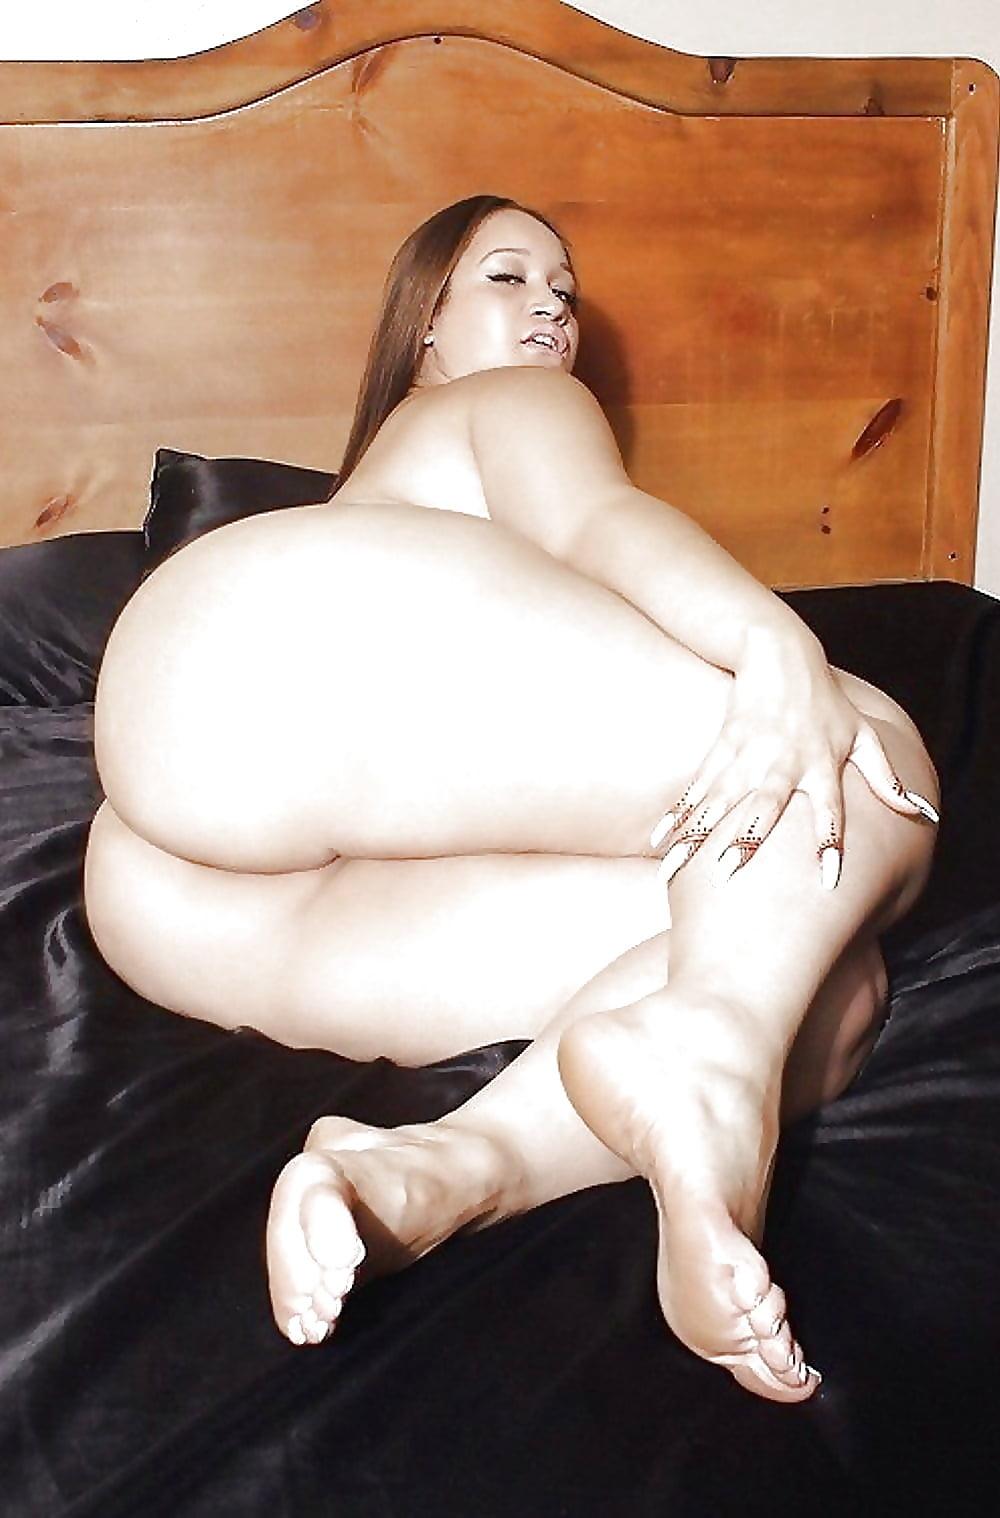 Girls thick legs ass naked, imagefap boy nudist